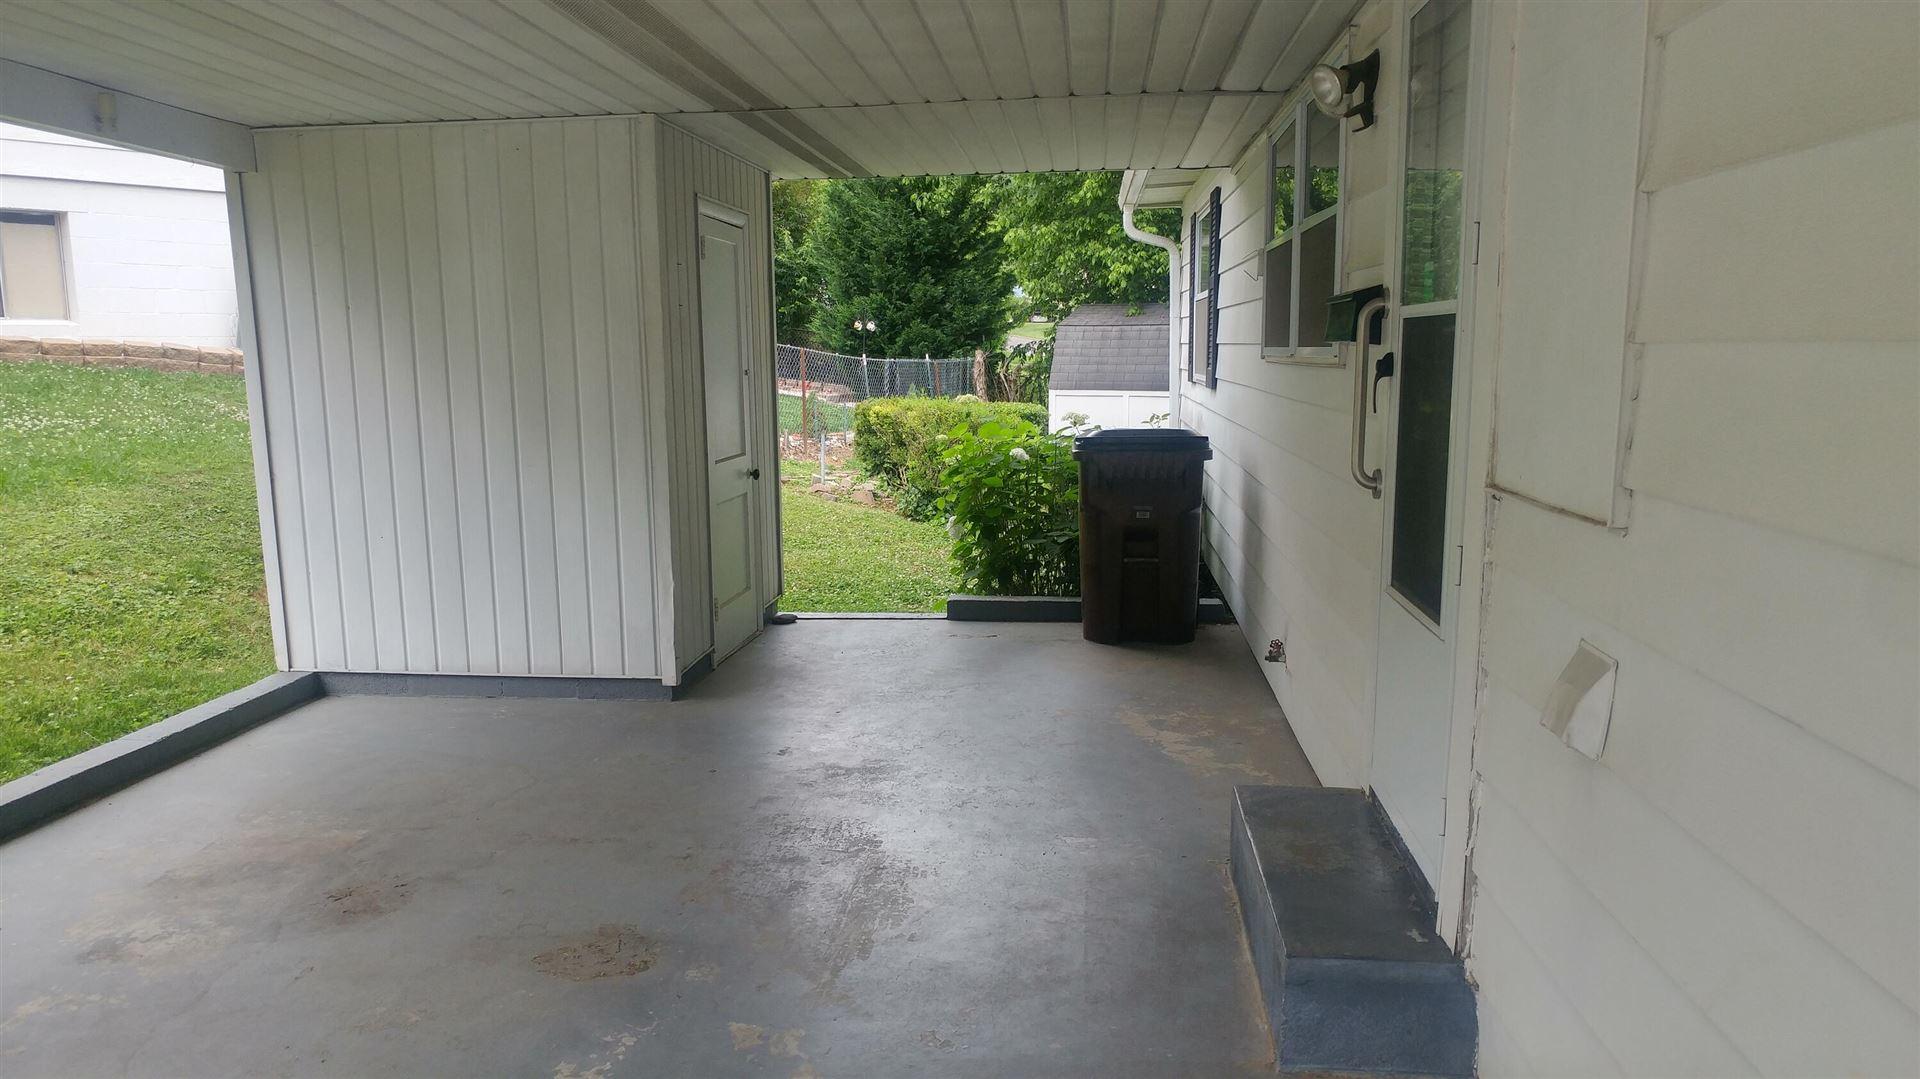 Photo of 109 Kingsley Rd, Oak Ridge, TN 37830 (MLS # 1155743)